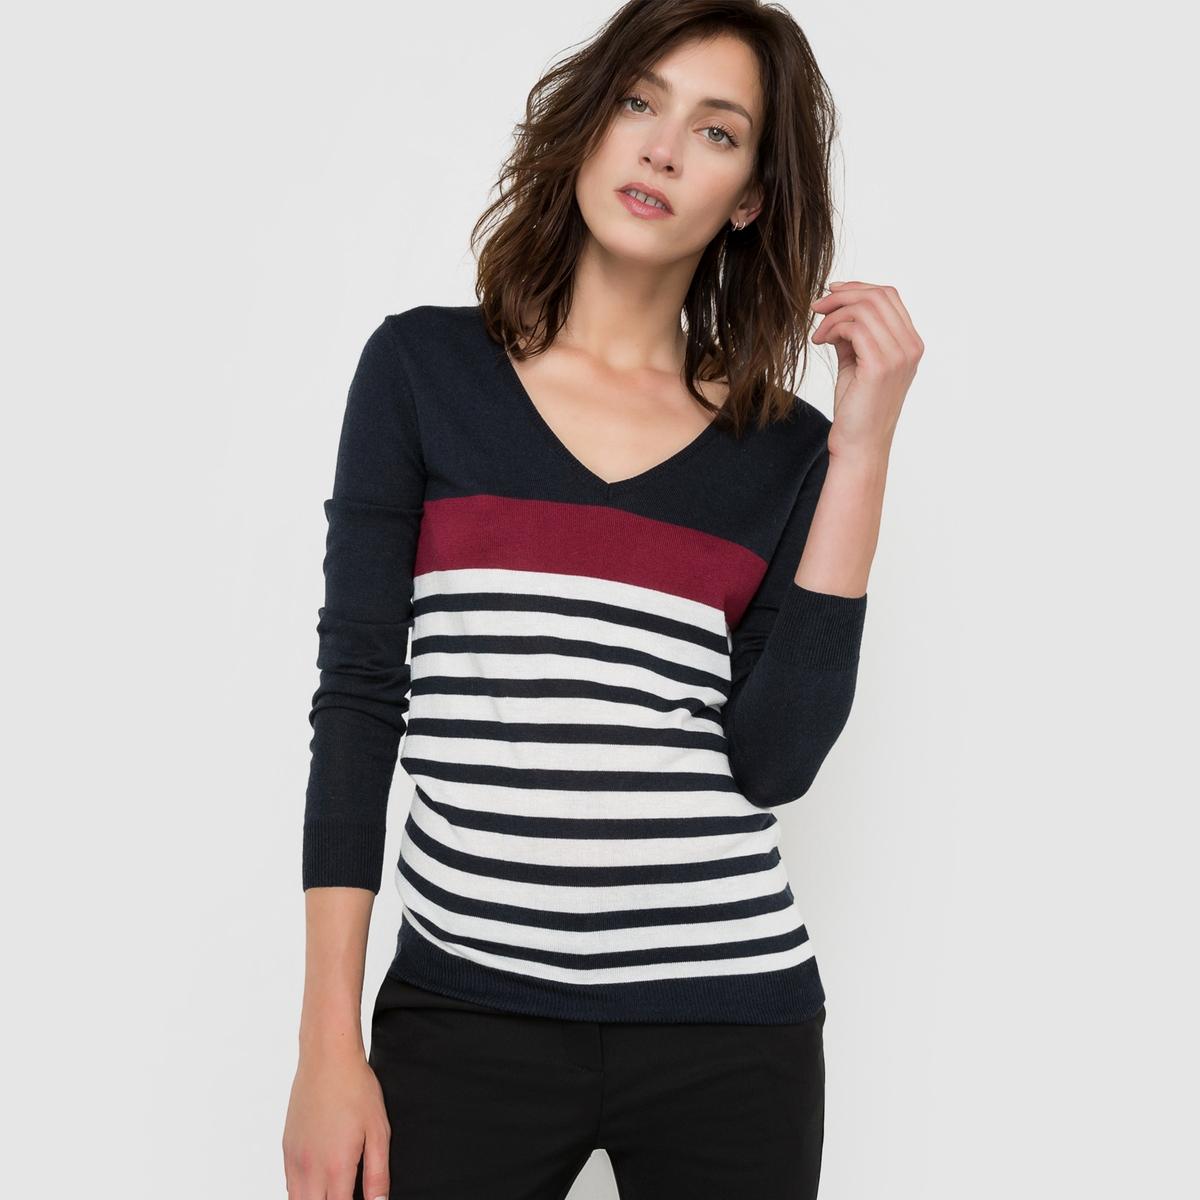 Пуловер с V-образным вырезом в полоску из смешанной ткани с шерстью